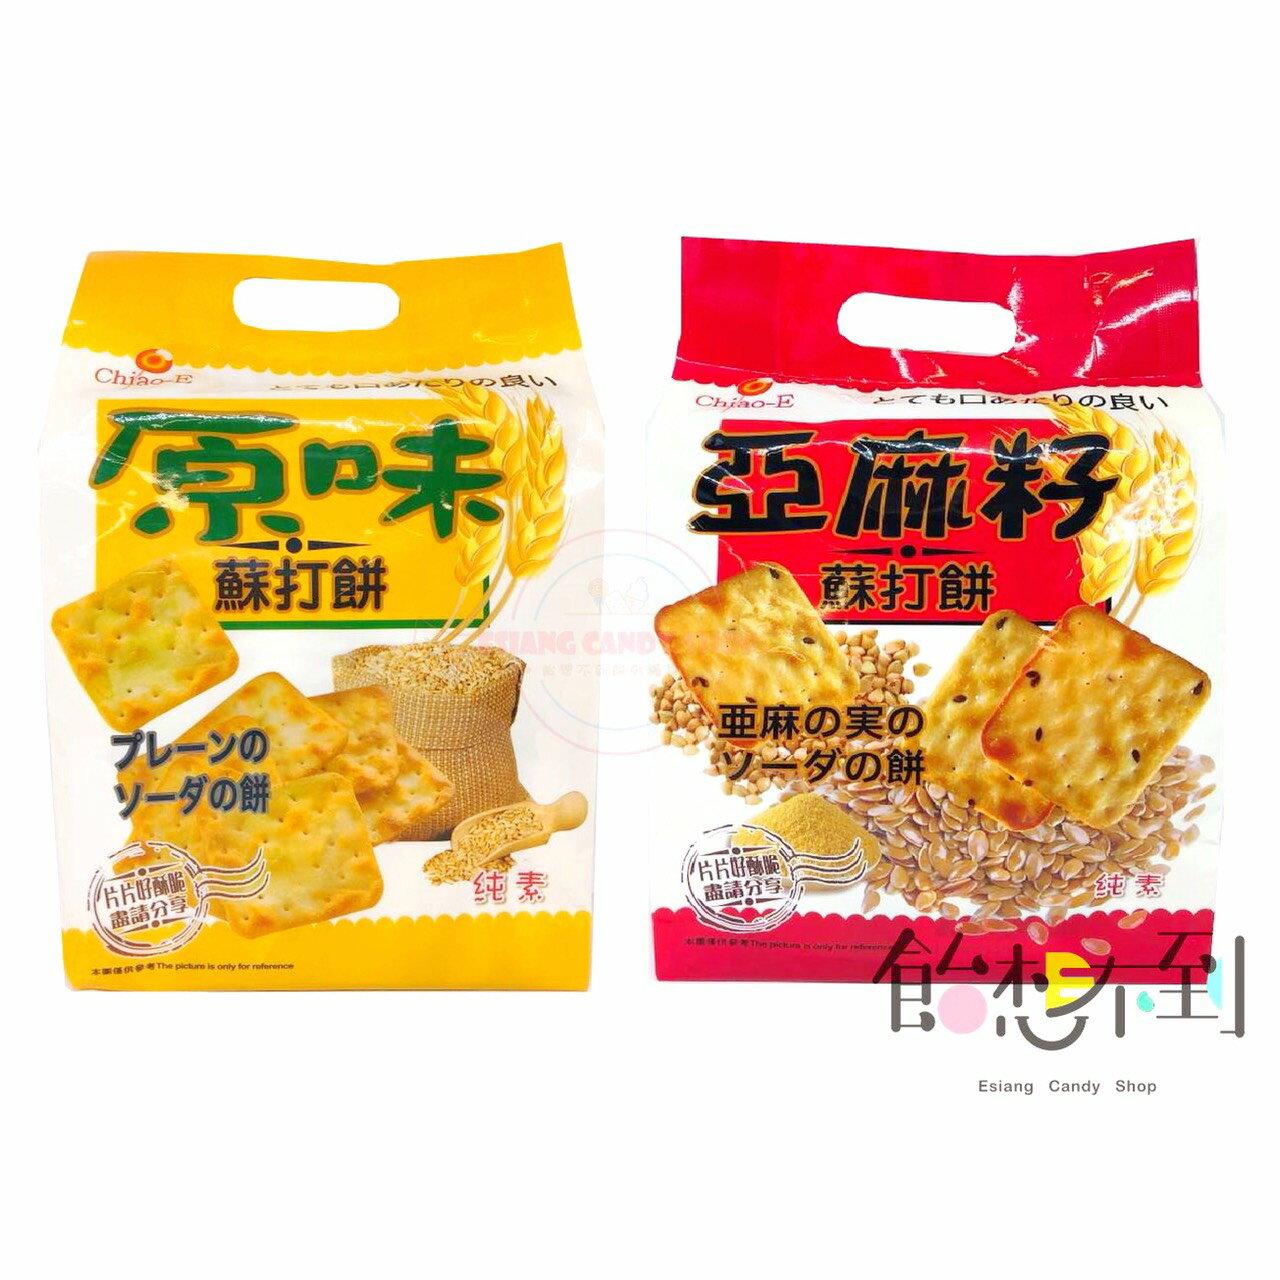 【巧益】原味蘇打餅/亞麻籽蘇打餅252g/包